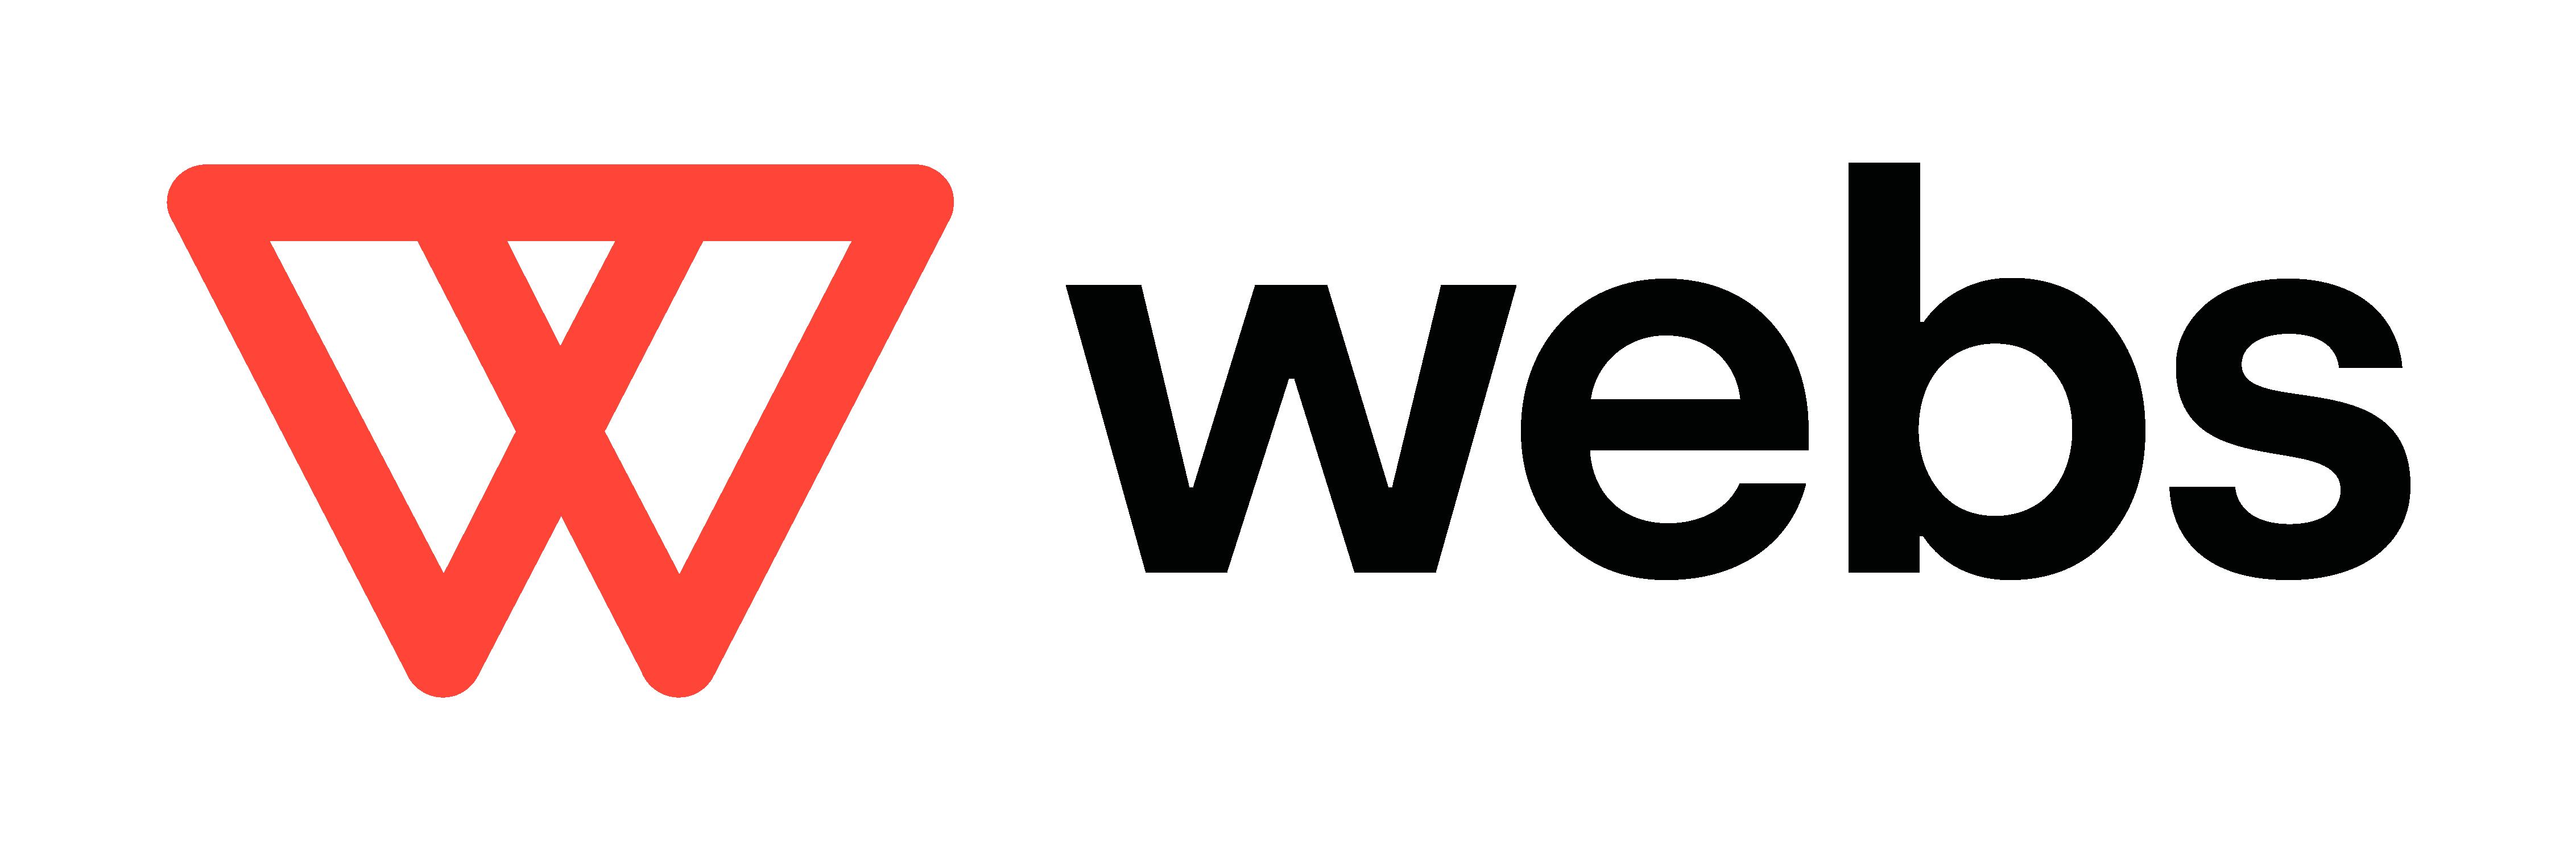 Webs - B2B Inbound Marketing & Sales Vacatures